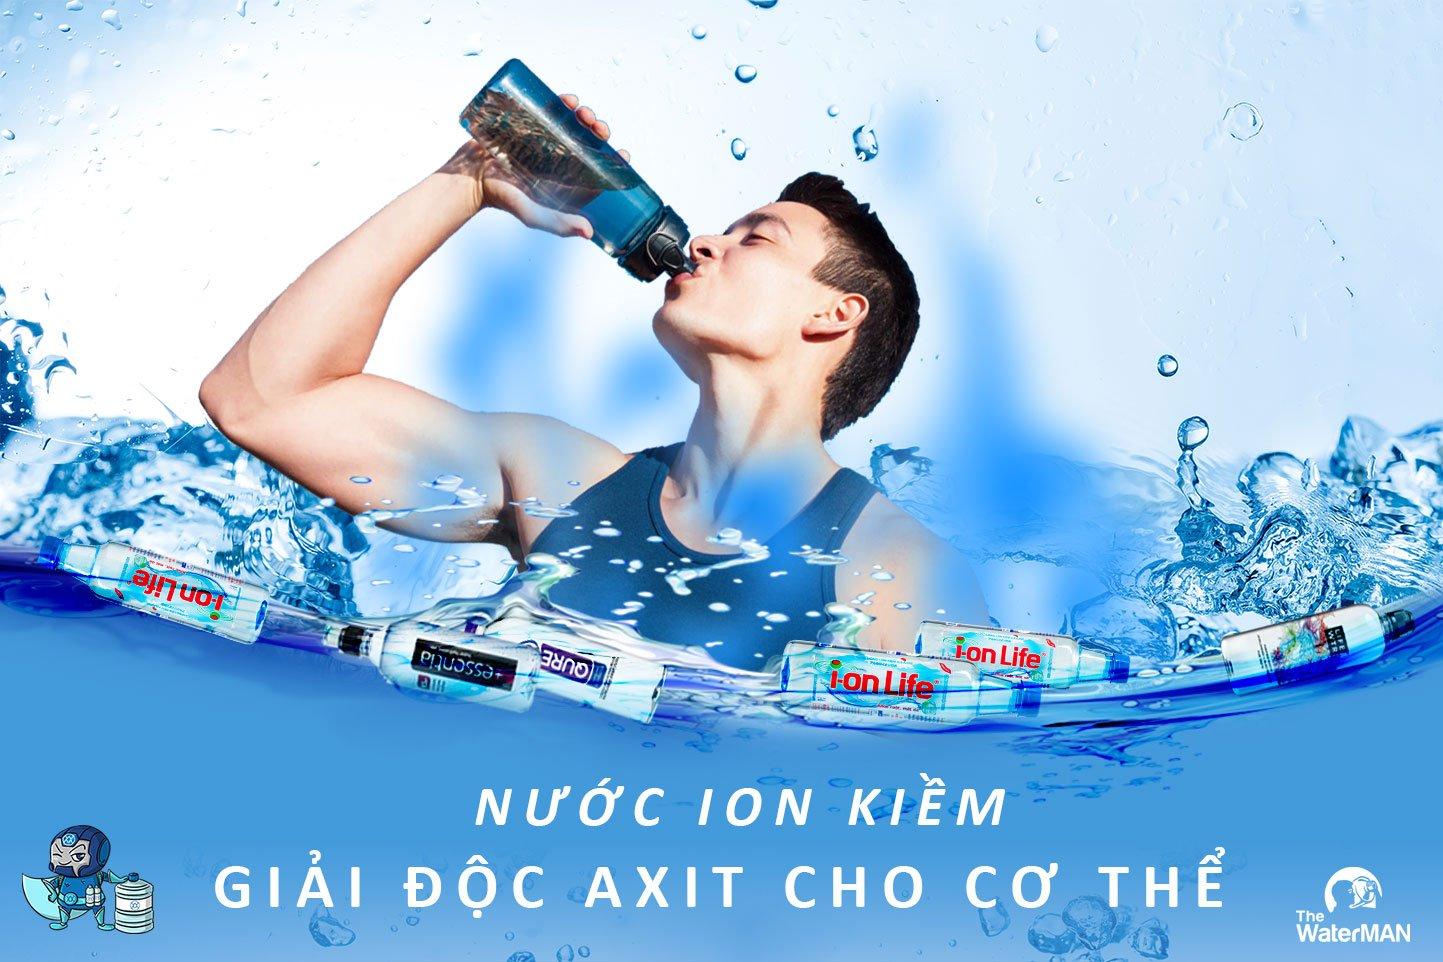 Trung hòa được axit dư, nước ion kiềm là cứu cánh của cơ thể bạn